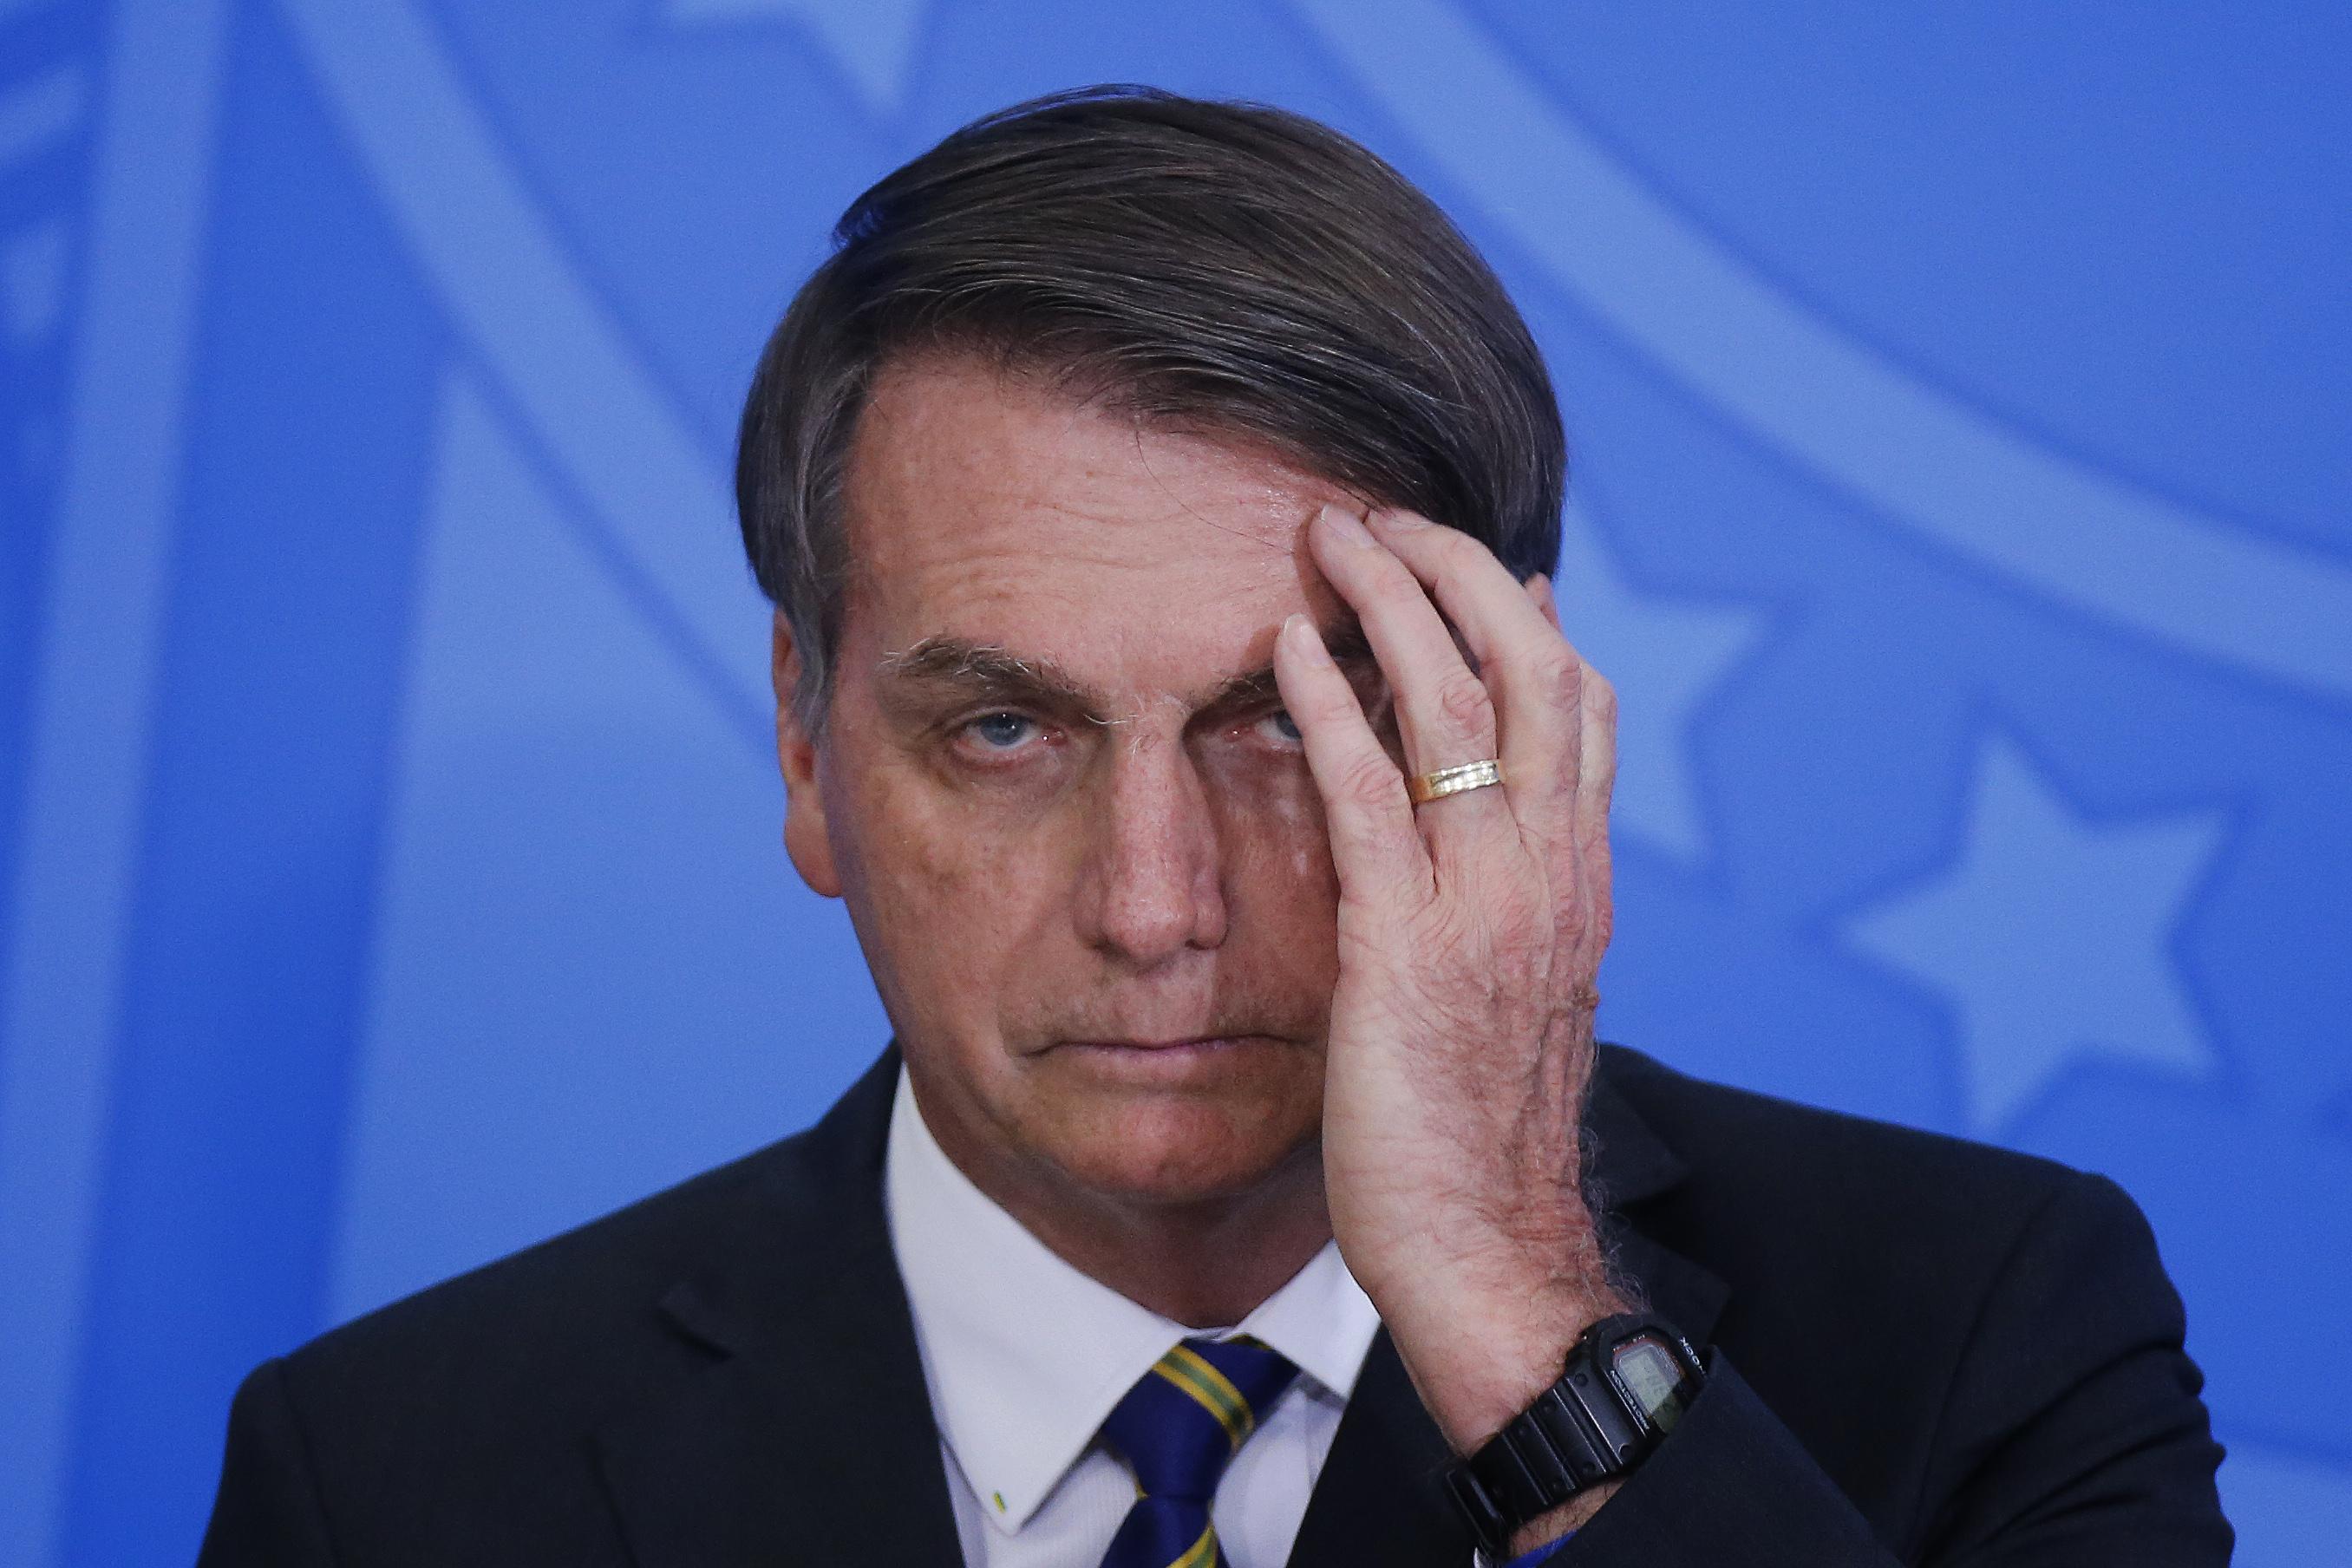 Renovamos os nossos parabéns a Bolsonaro